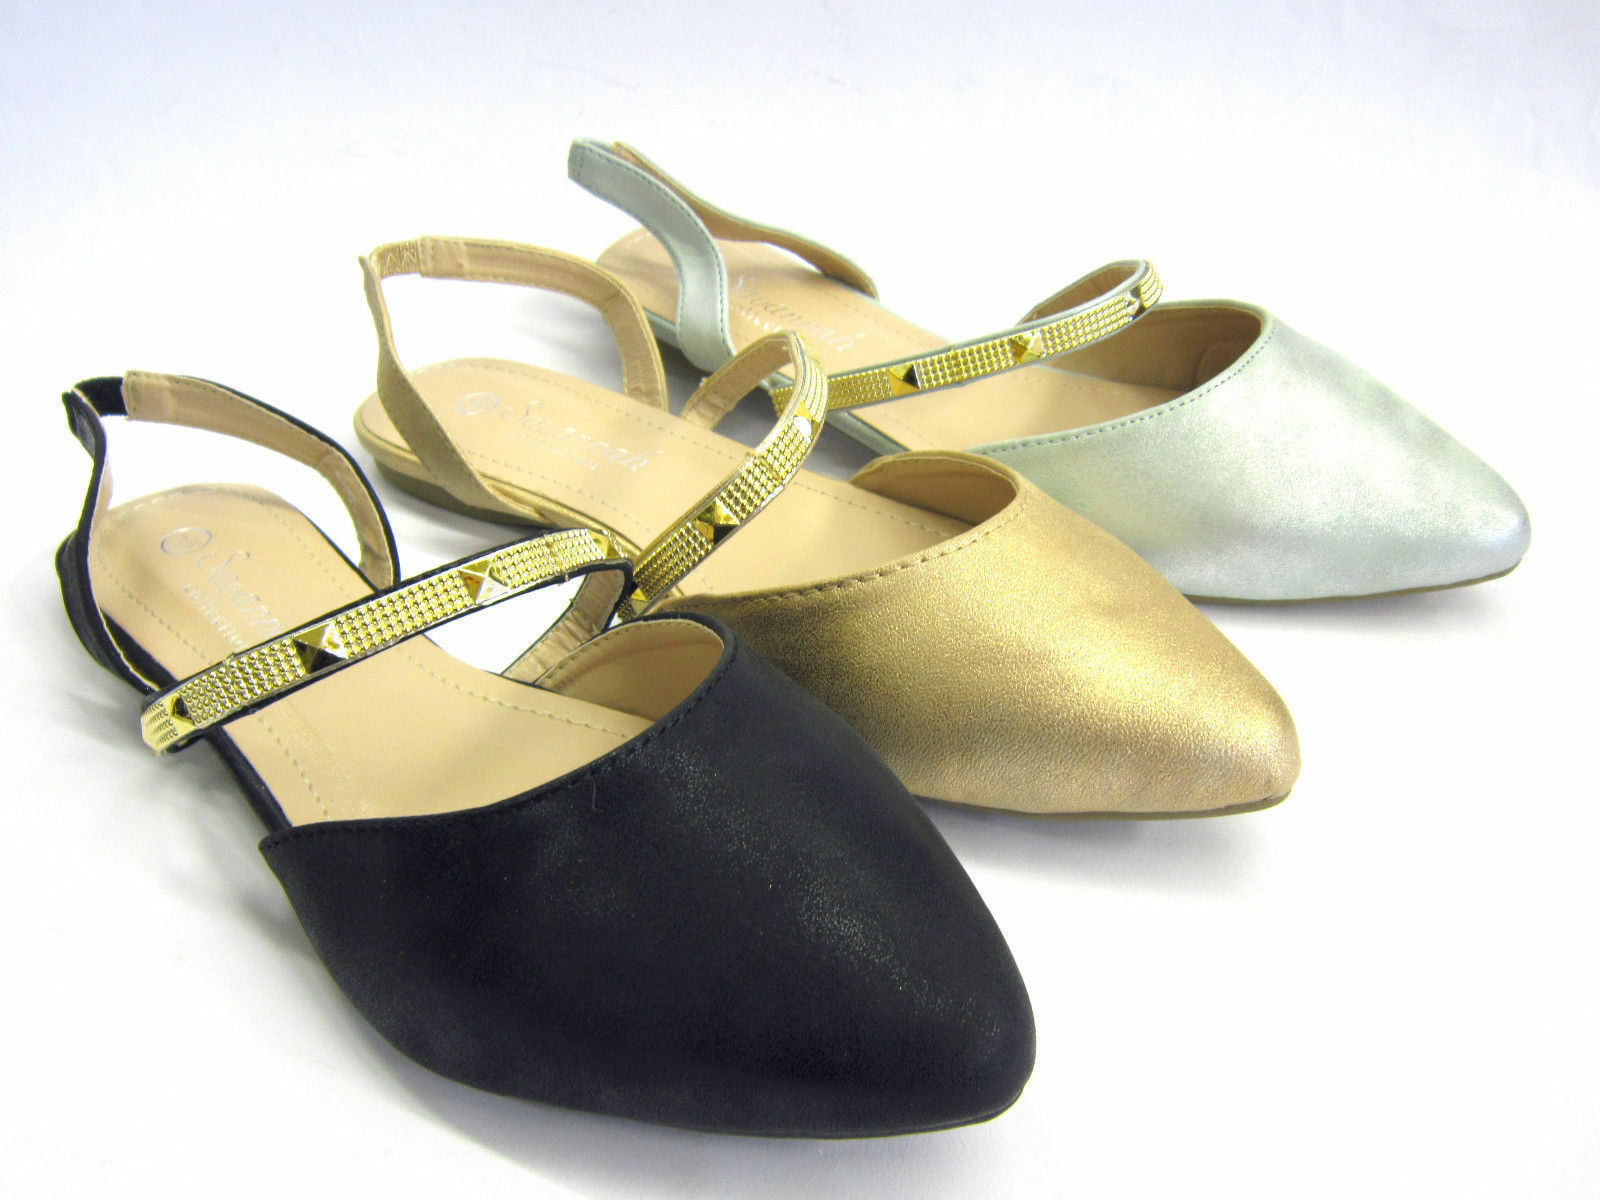 f80053- las señoras  Savannah Sintético  zapatos  señoras destalonados con tachones DETALLE d0f52e